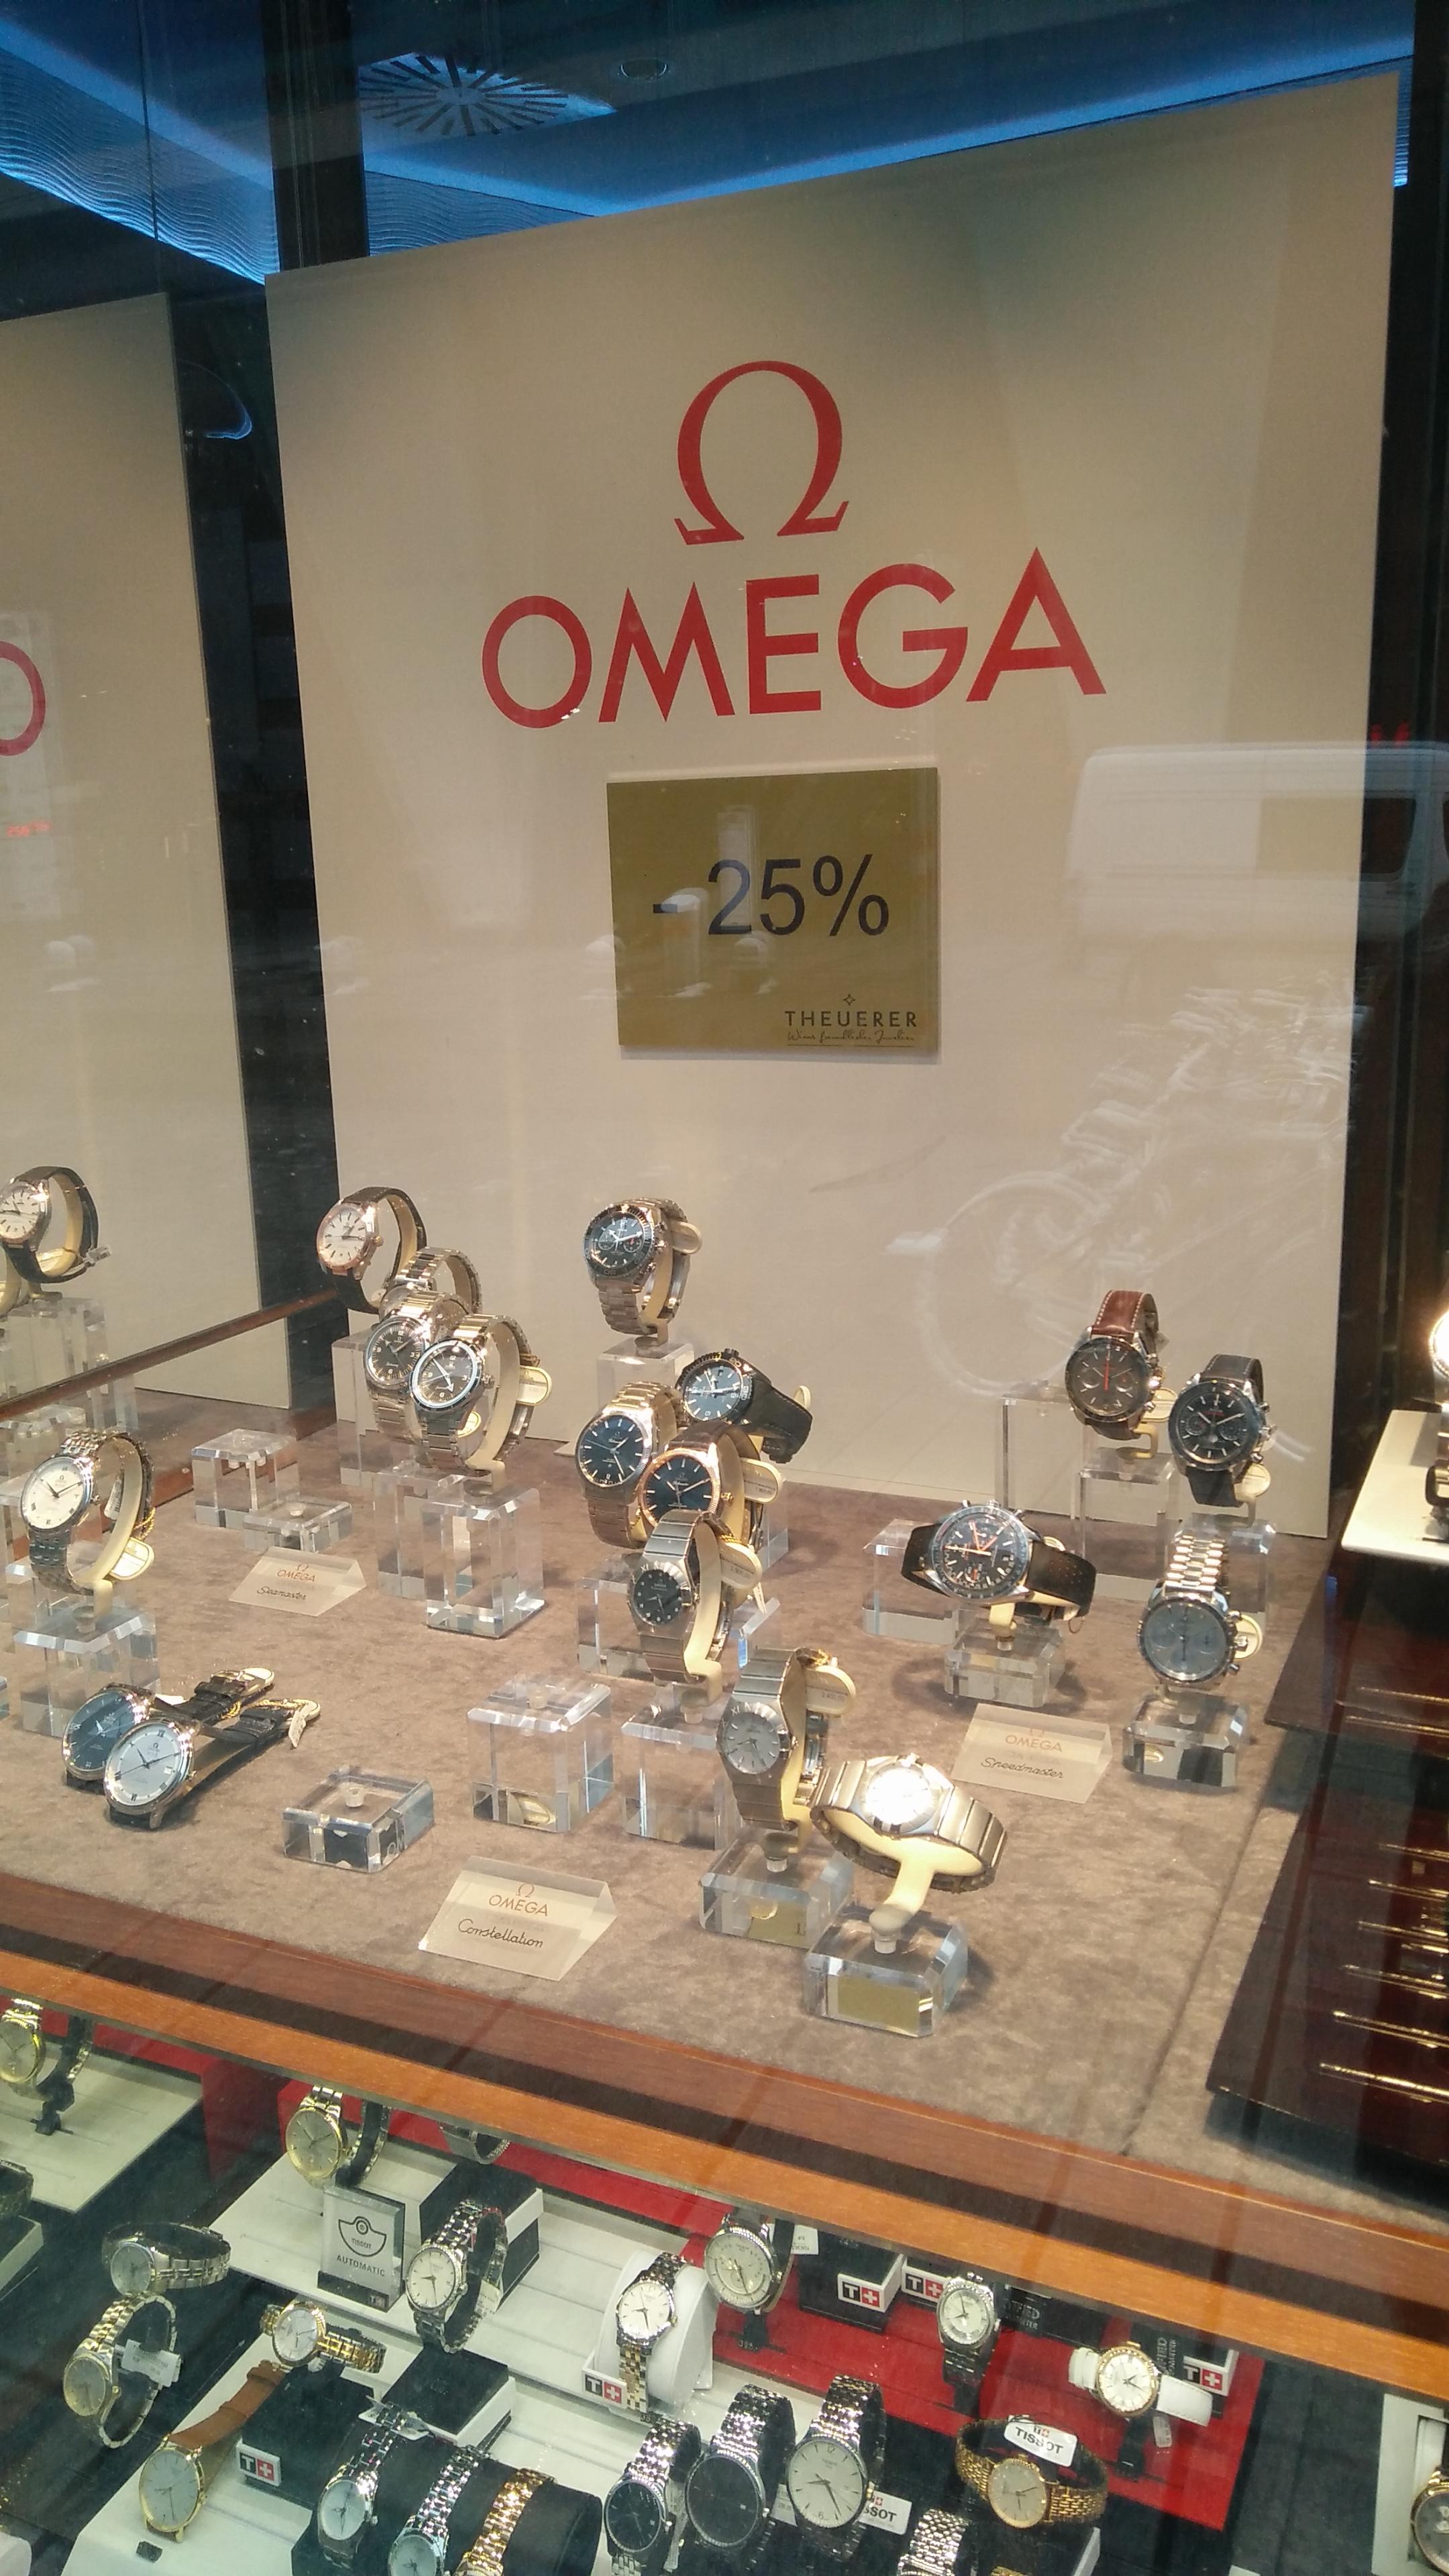 -25% auf lagernde OMEGA Uhren bei Theuerer in Wien Mitte